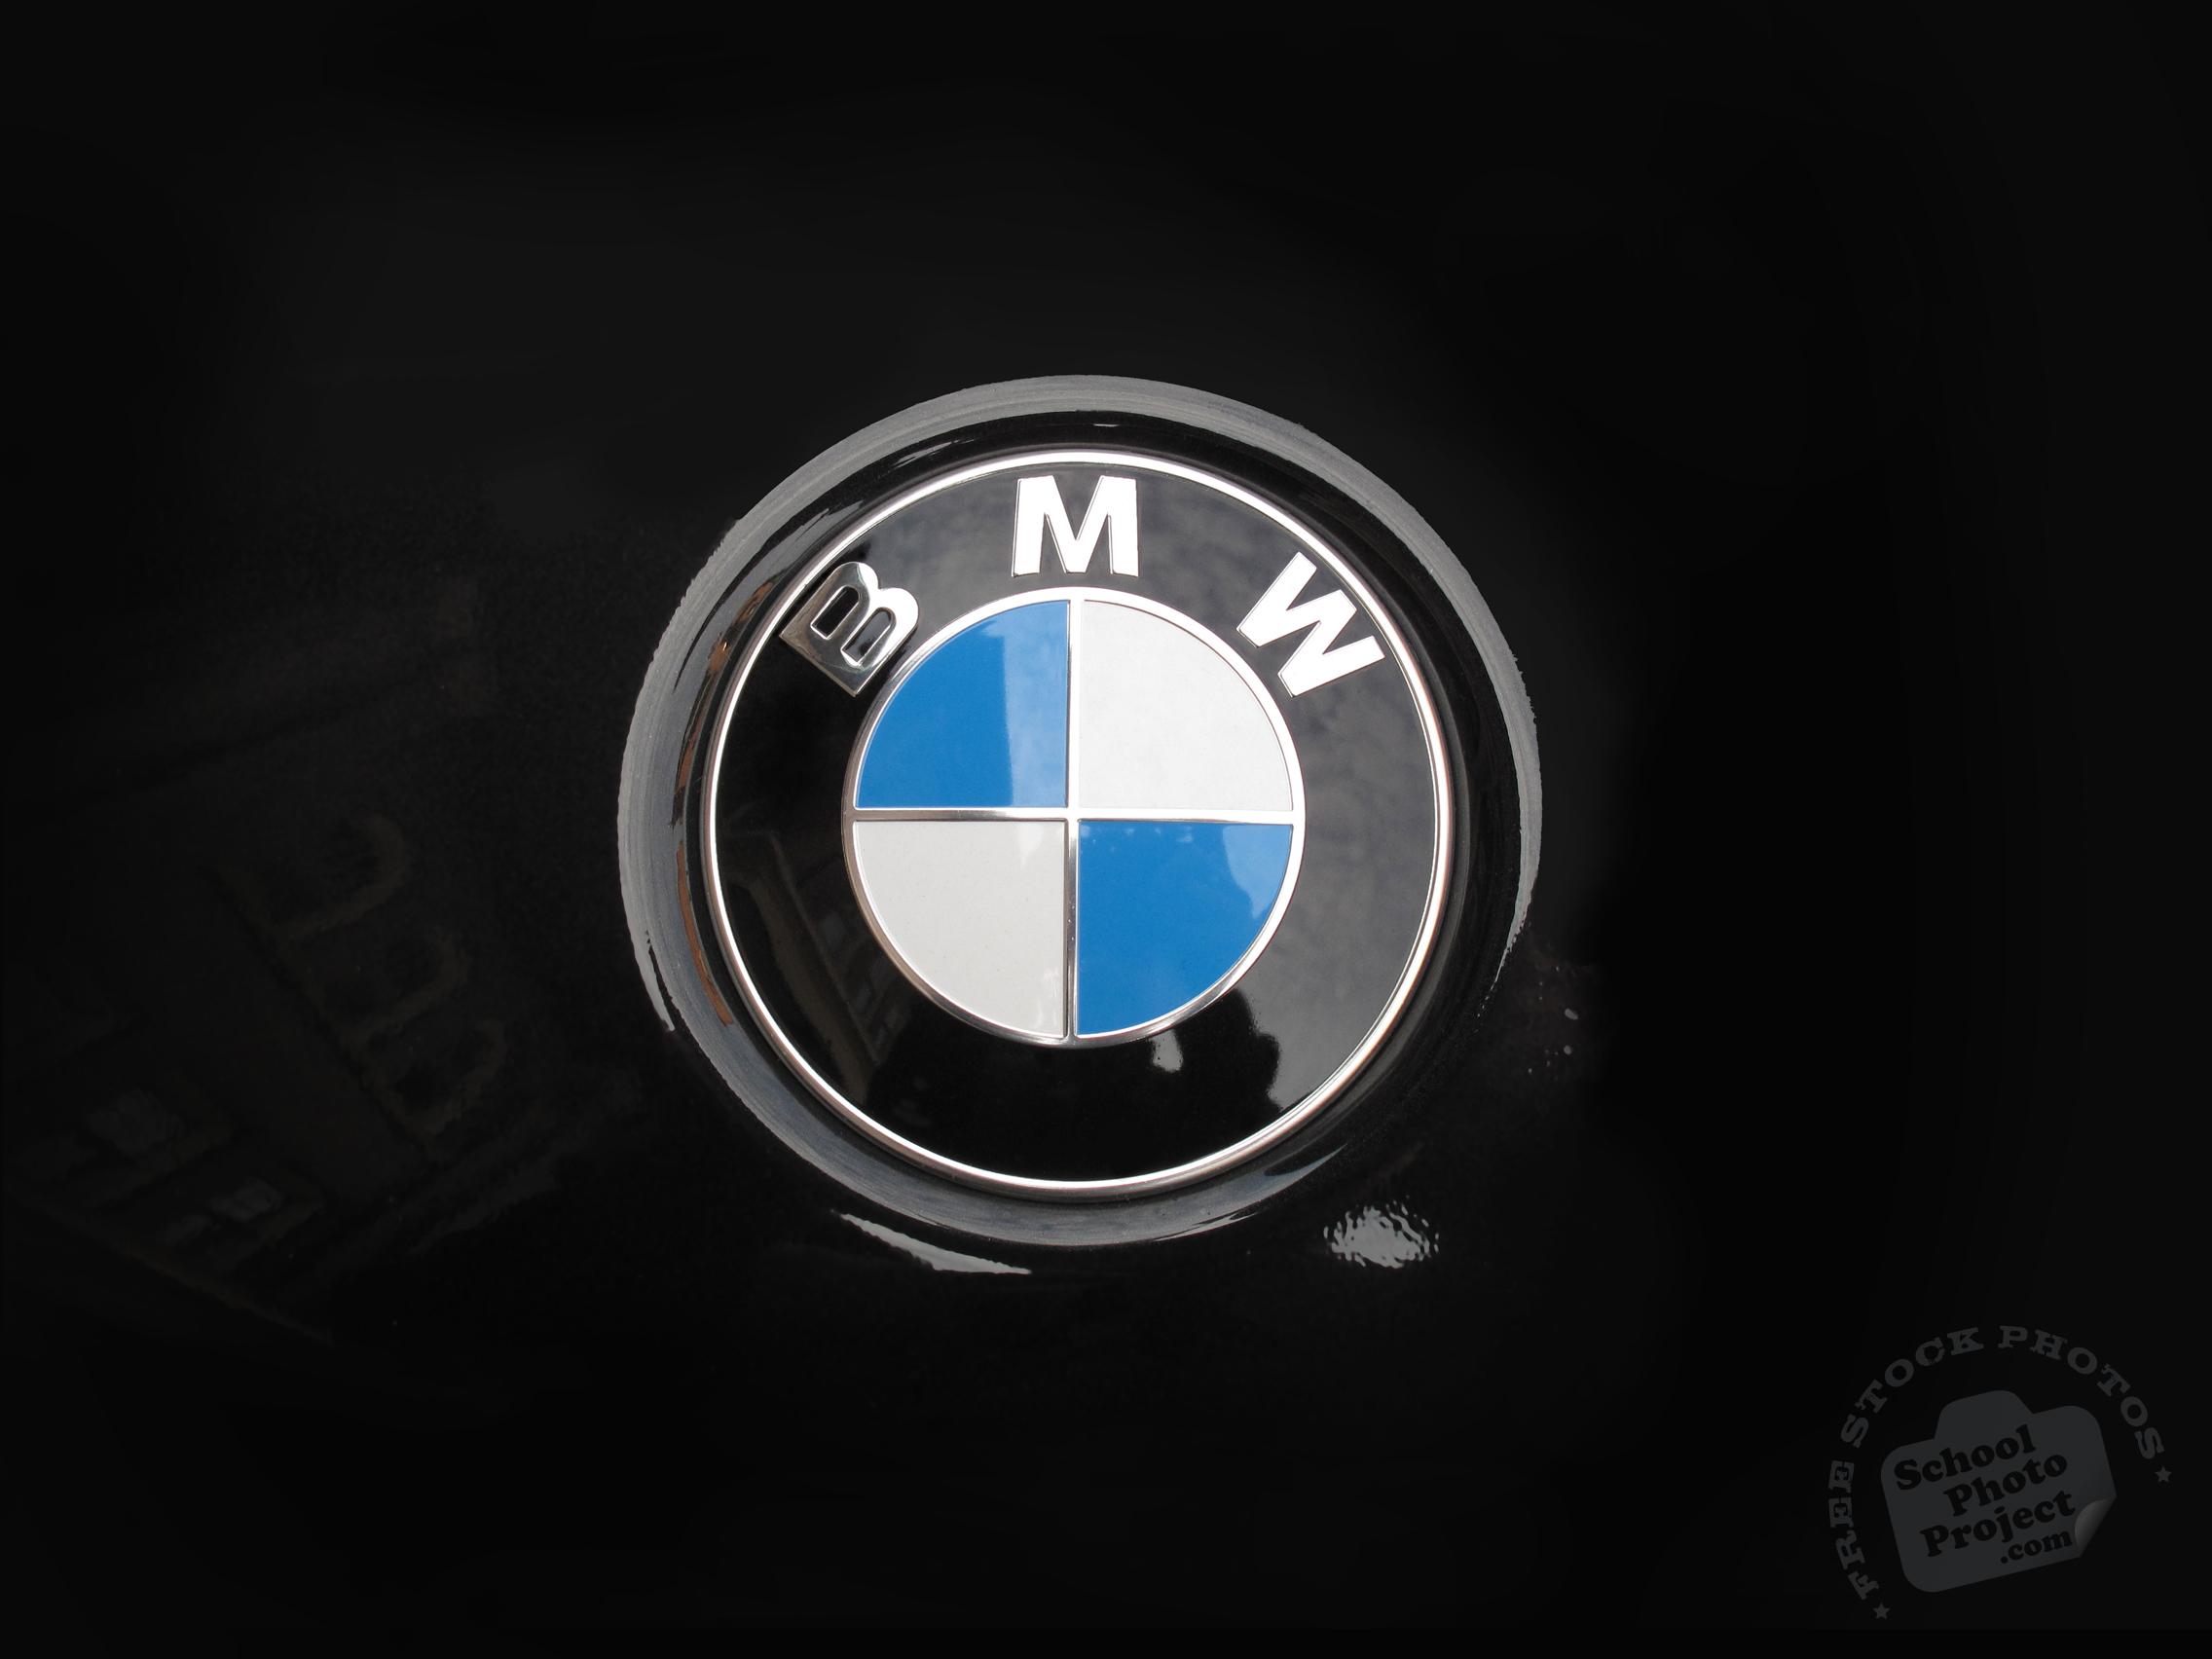 забудьте уточнить логотип бмв фото известно, основе всех